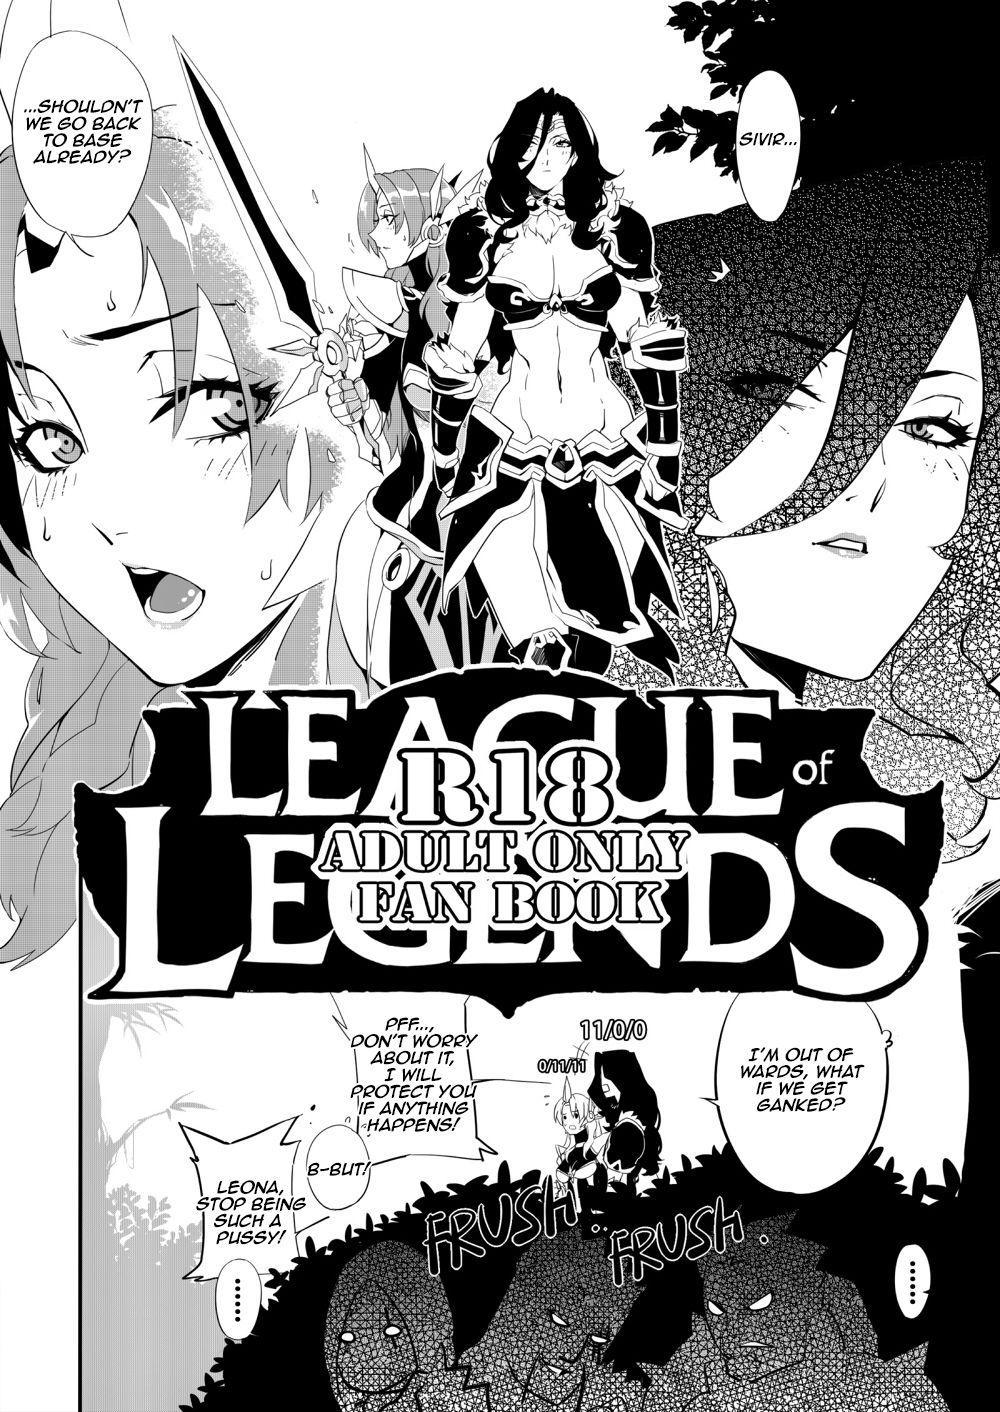 Leona ★ Heroes - League of Legends Fan Book 4